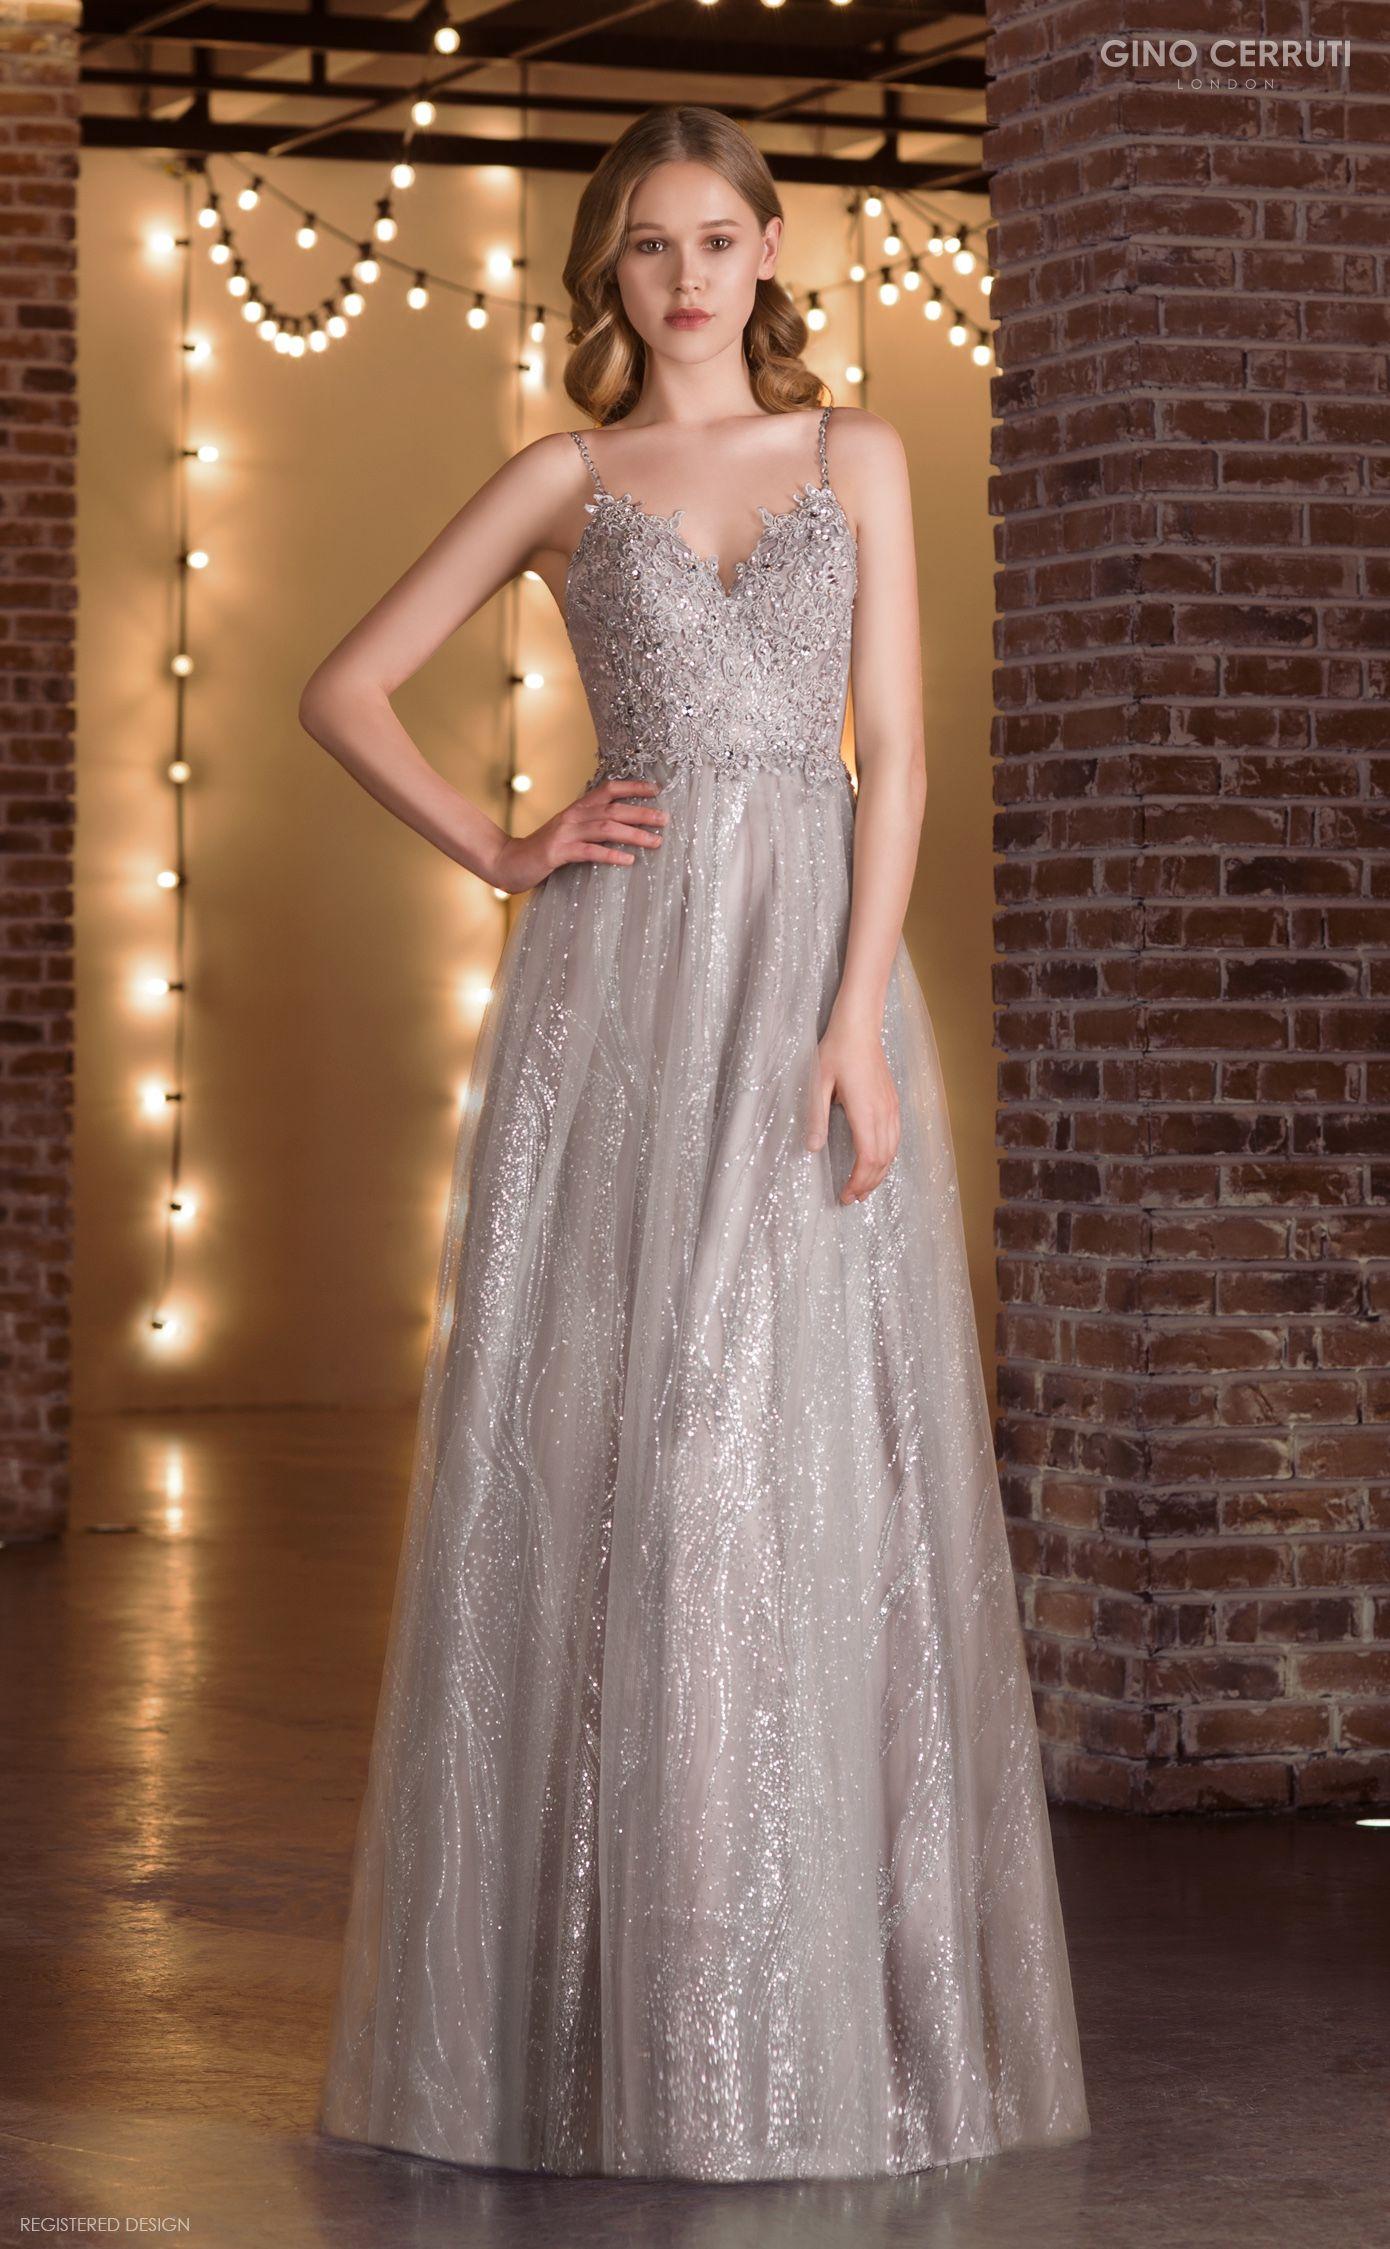 Umwerfende Abendkleider/Ballkleider zu fairen Preisen - Samyra